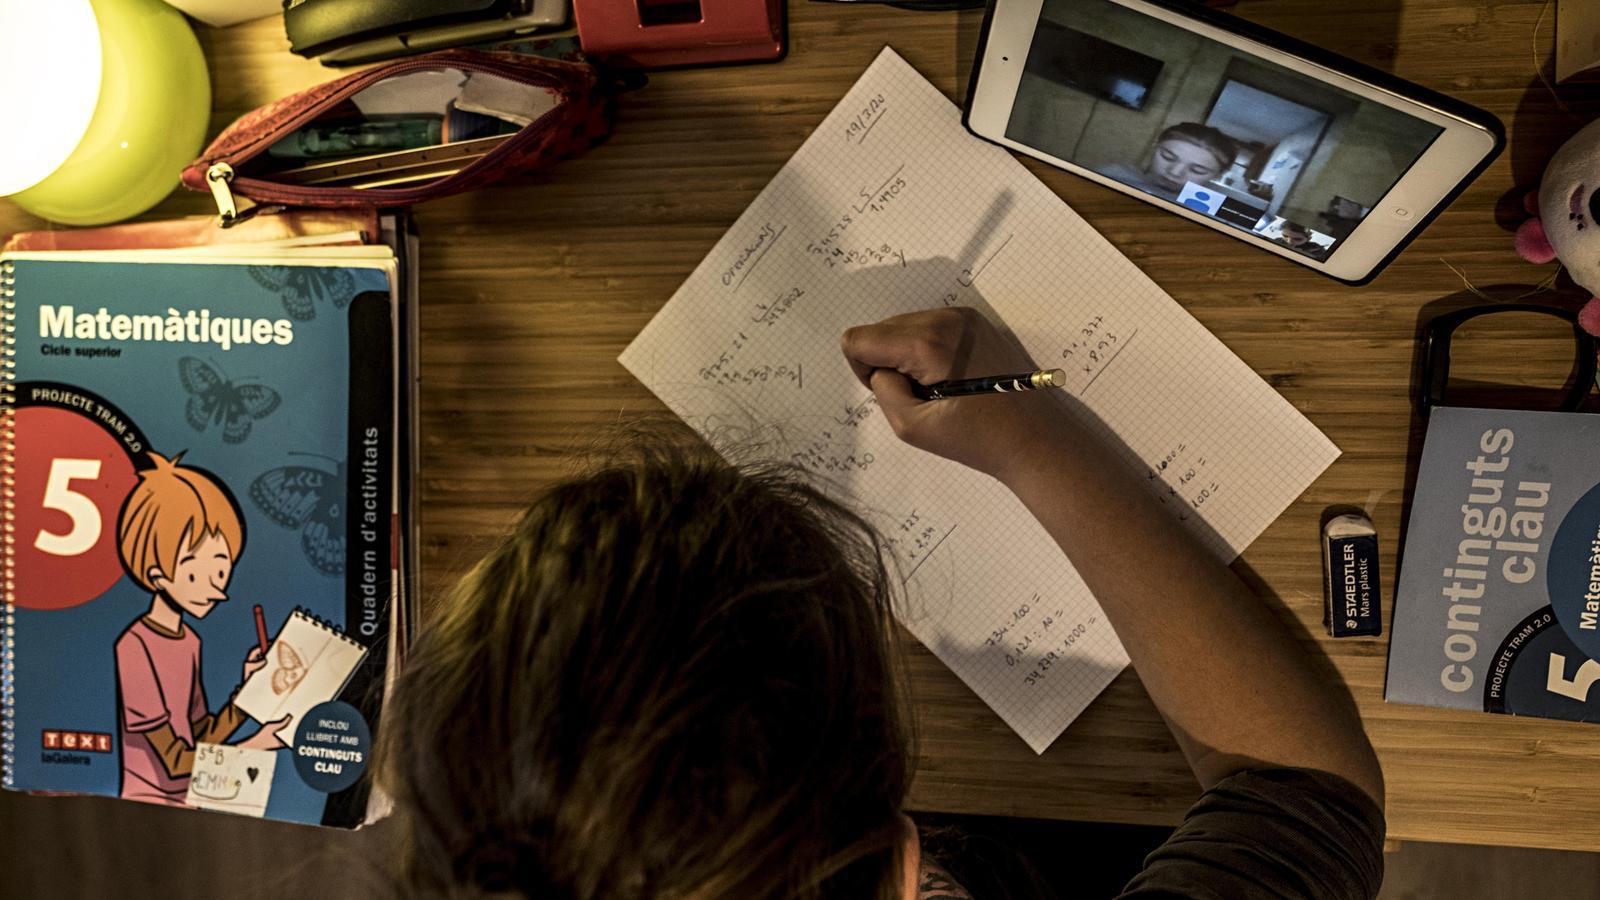 Educació preveu que el curs que ve sigui mig presencial i mig telemàtic